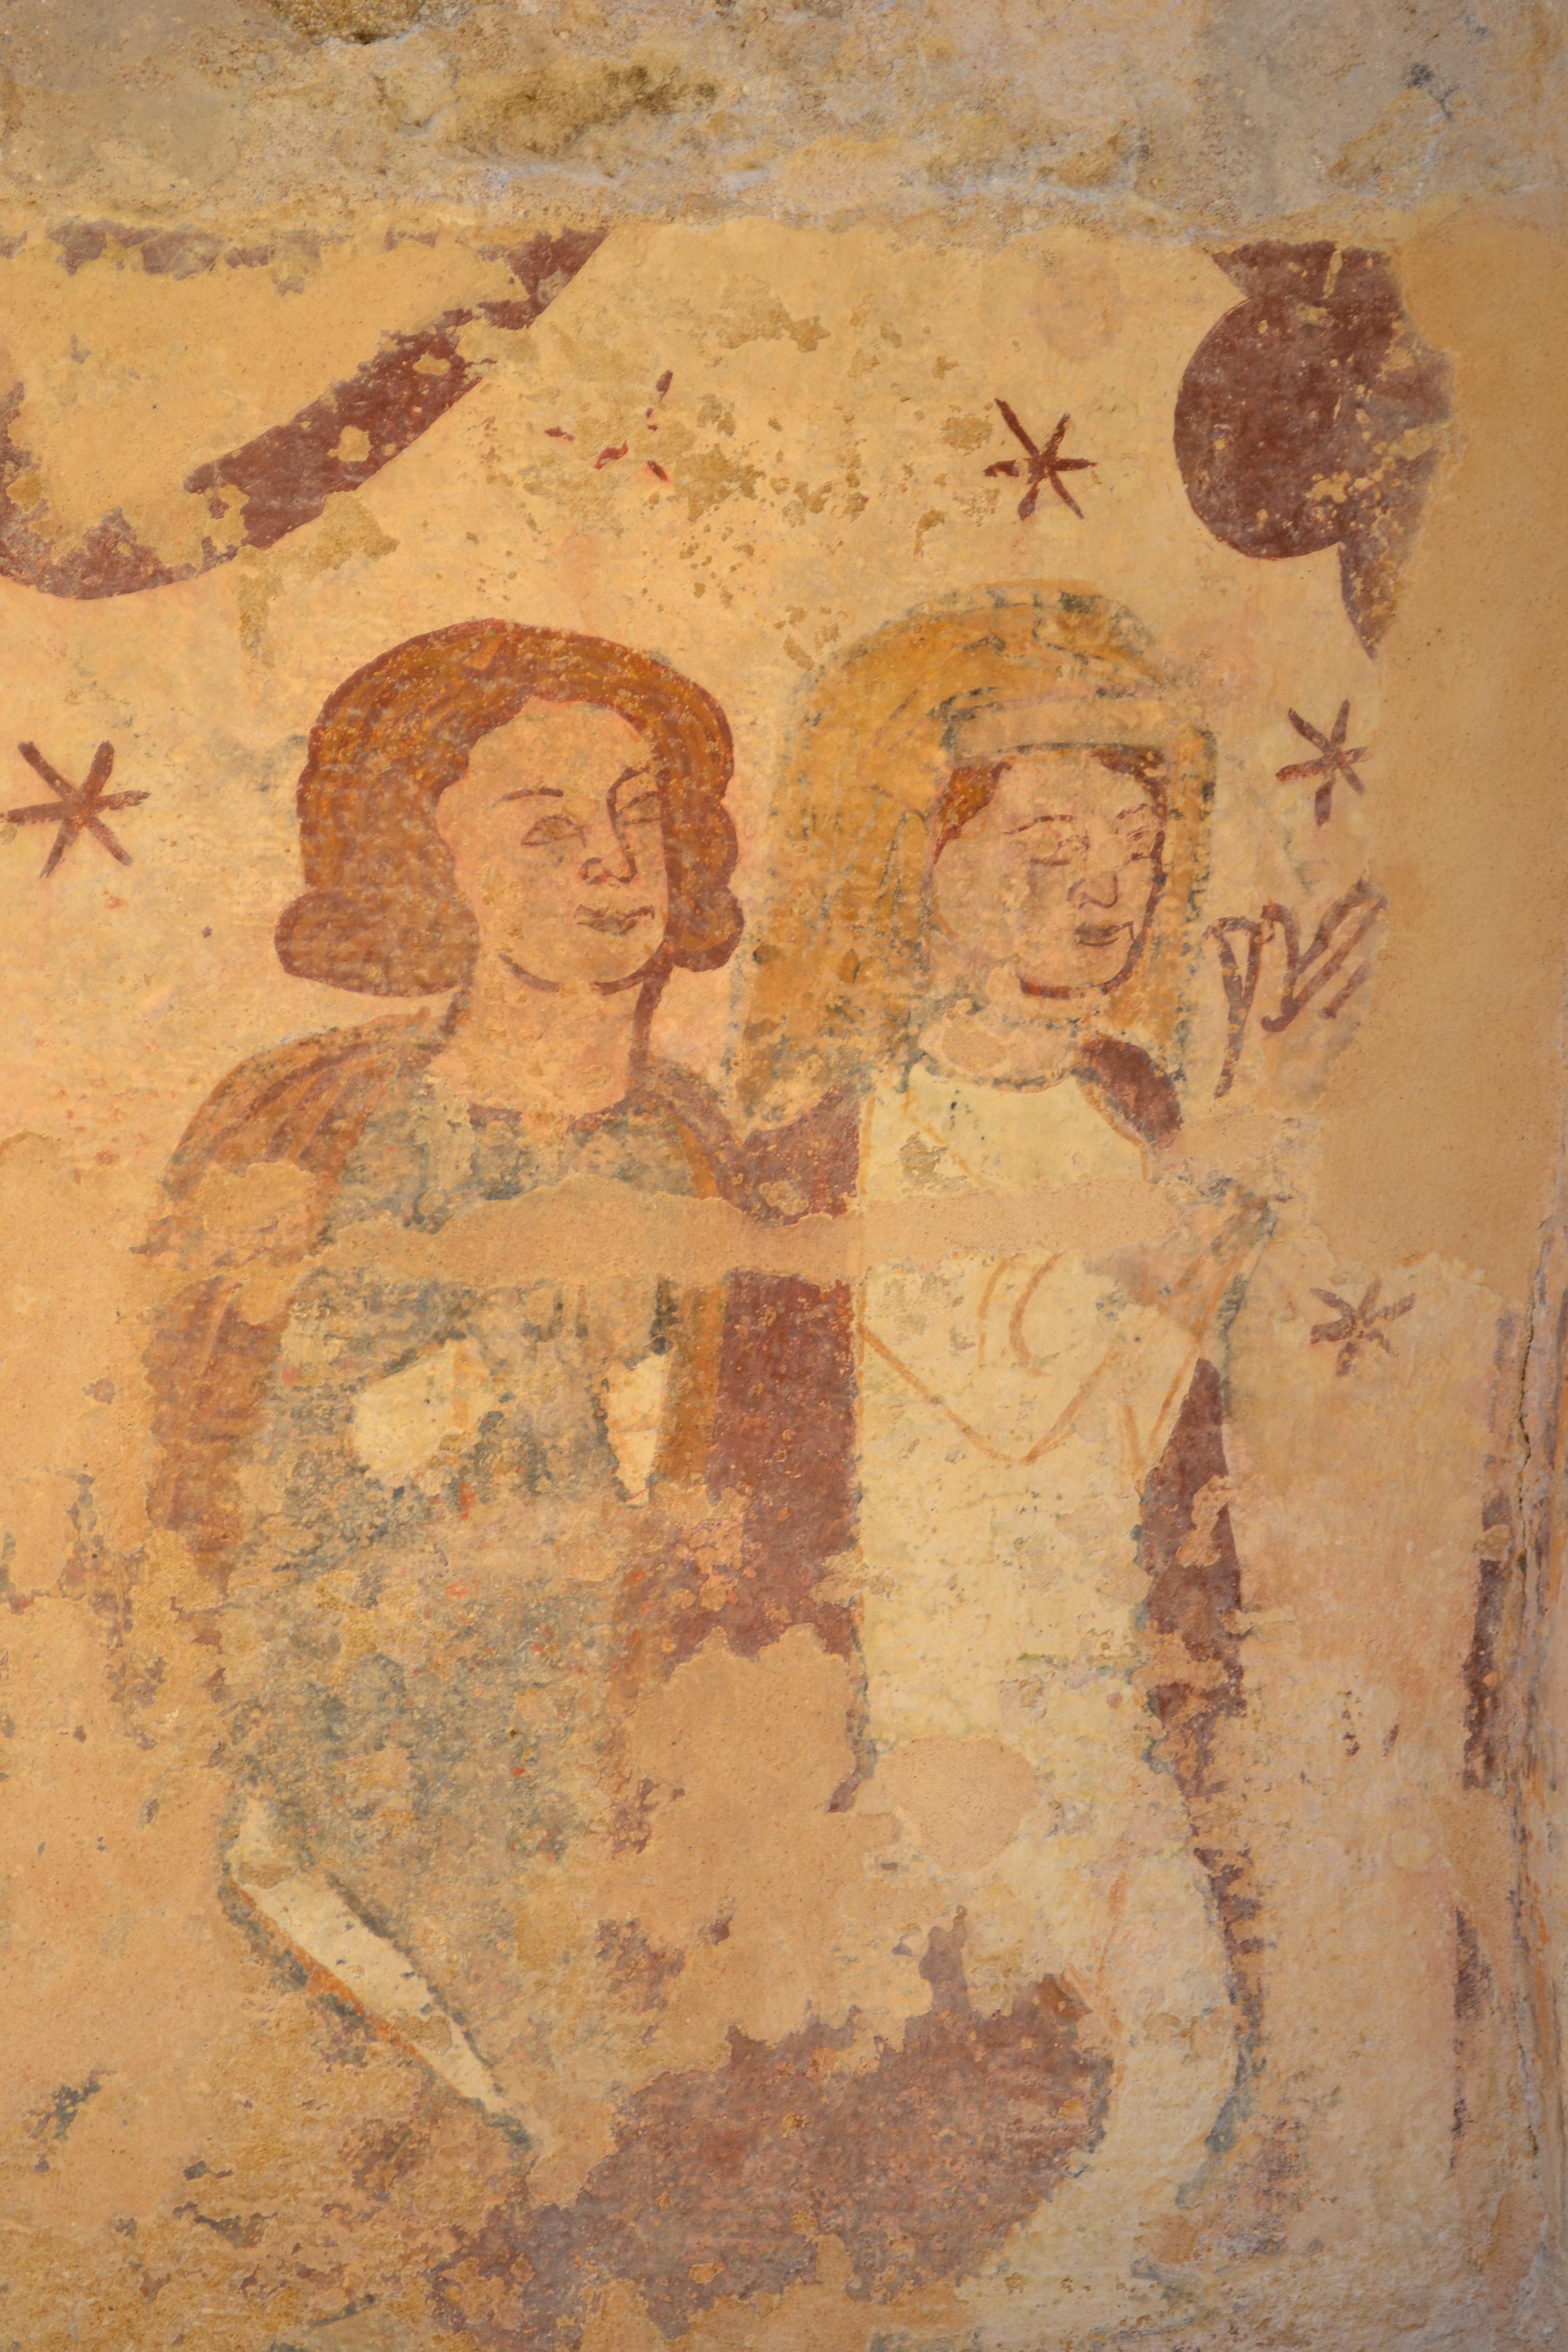 Peindre Une Fresque Sur Un Mur images gratuites : mur, france, église, la peinture